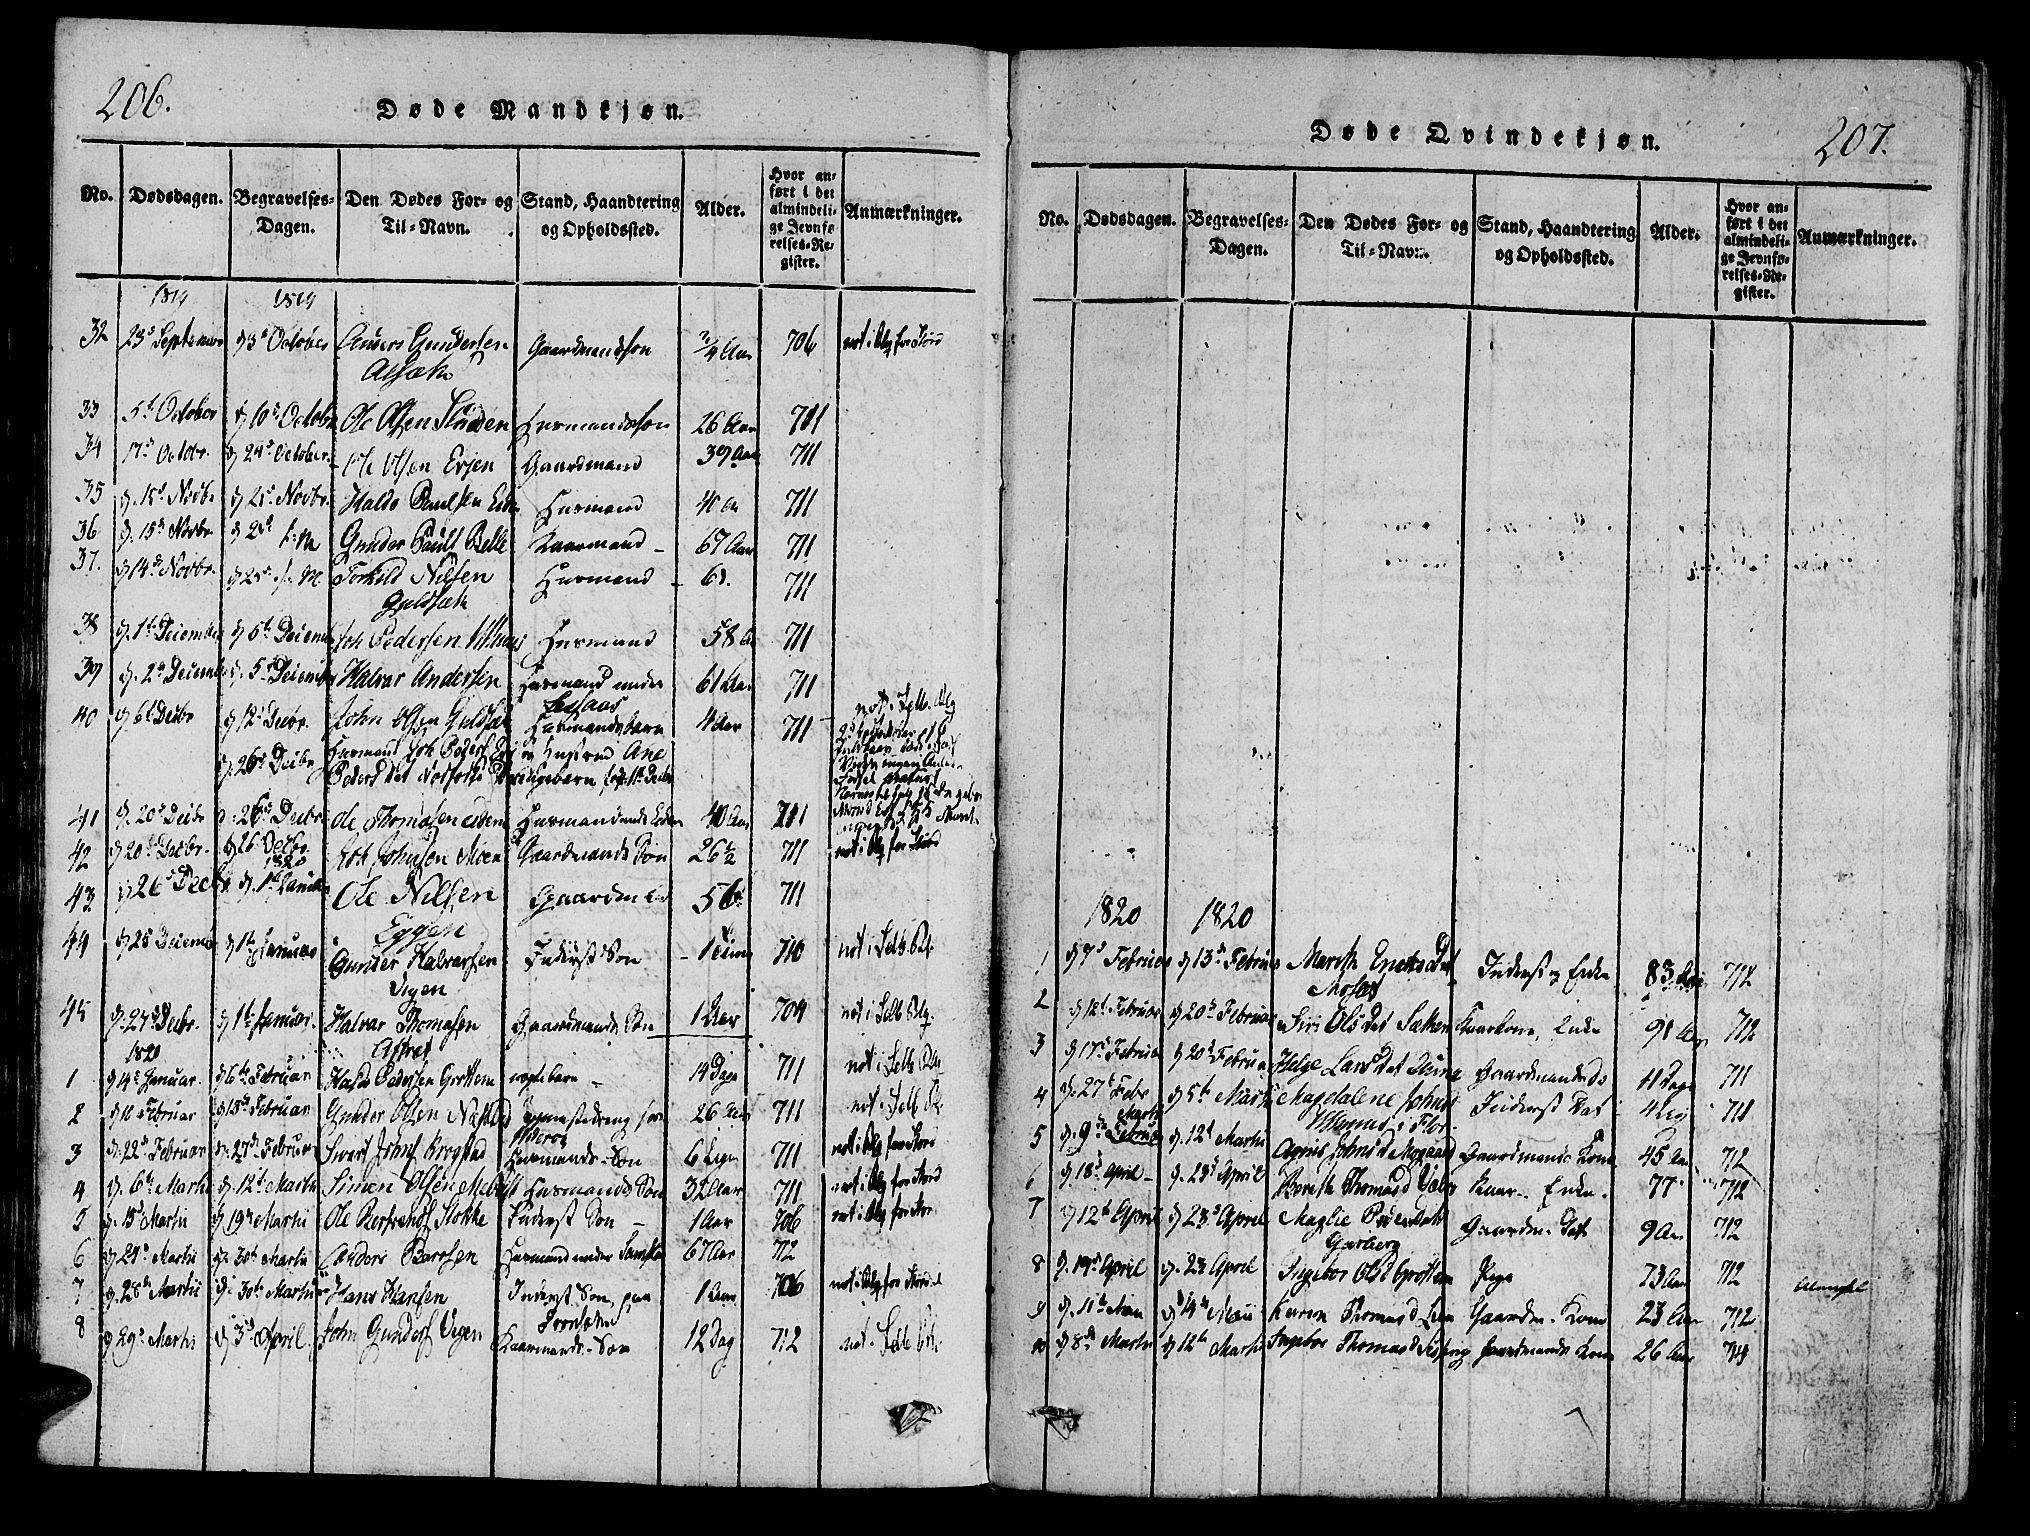 SAT, Ministerialprotokoller, klokkerbøker og fødselsregistre - Sør-Trøndelag, 695/L1141: Ministerialbok nr. 695A04 /1, 1816-1824, s. 206-207